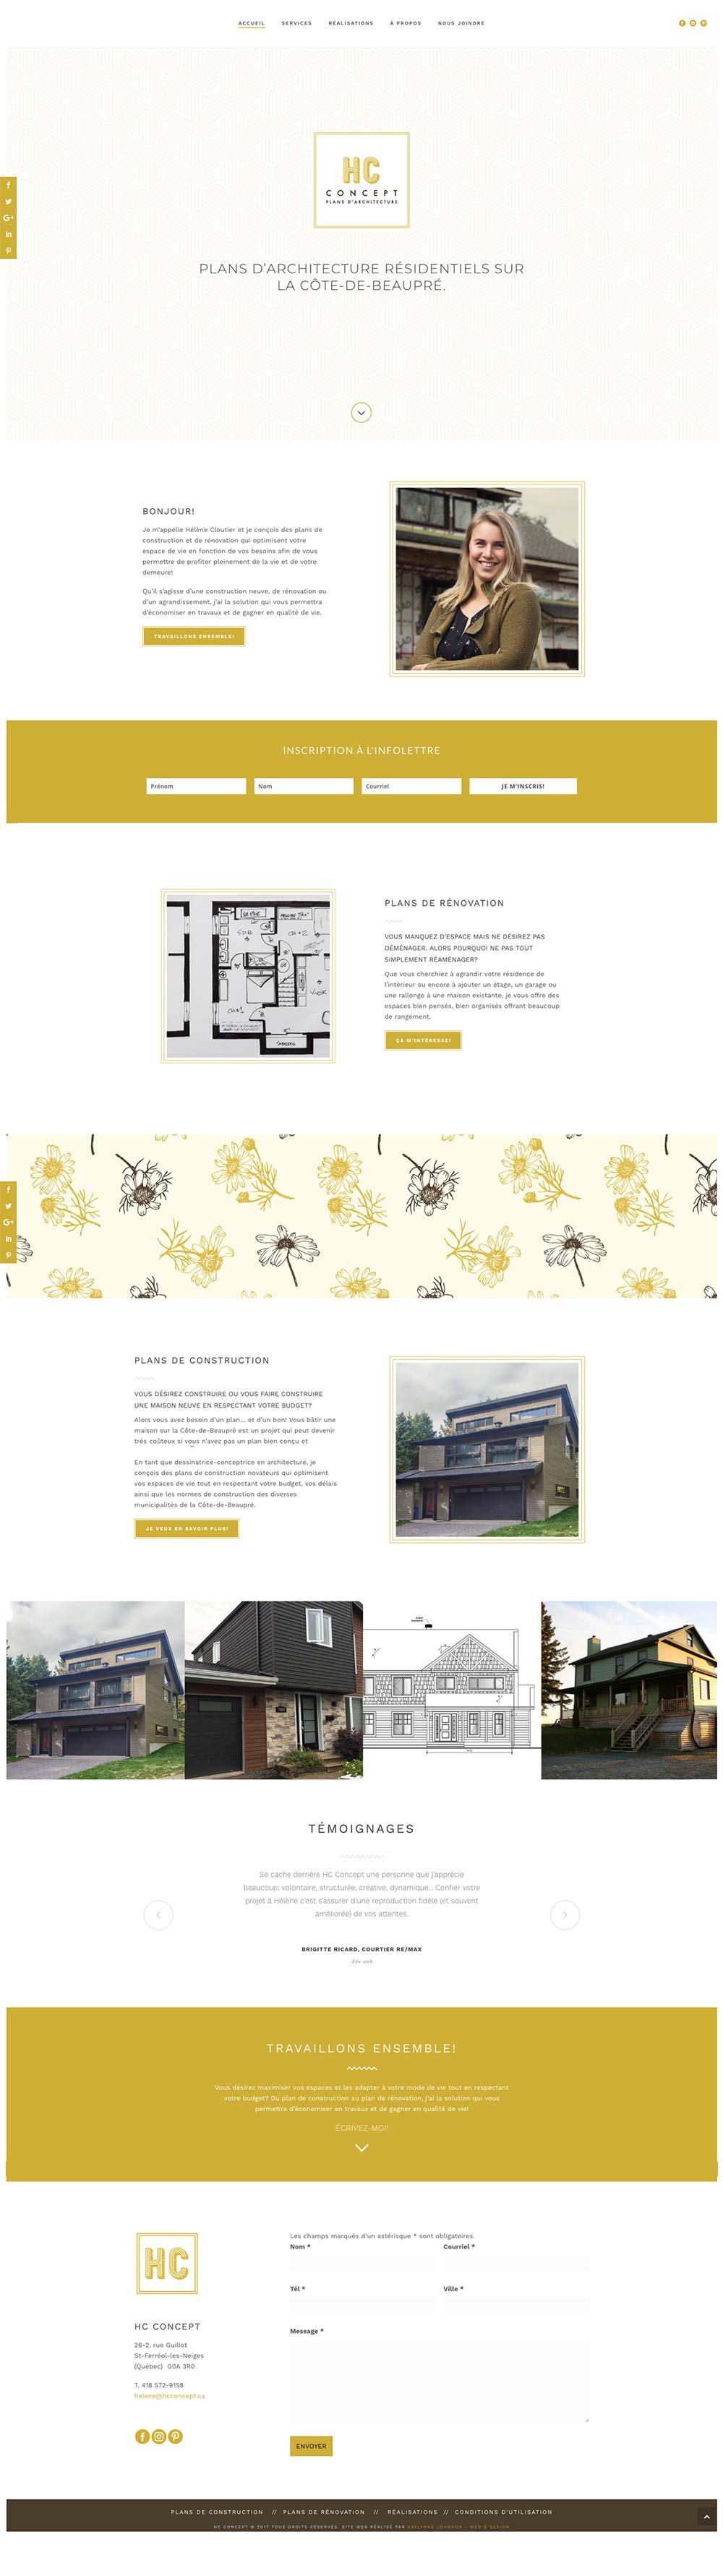 HC Concept - Une réalisation de Kaylynne Johnson - web & design